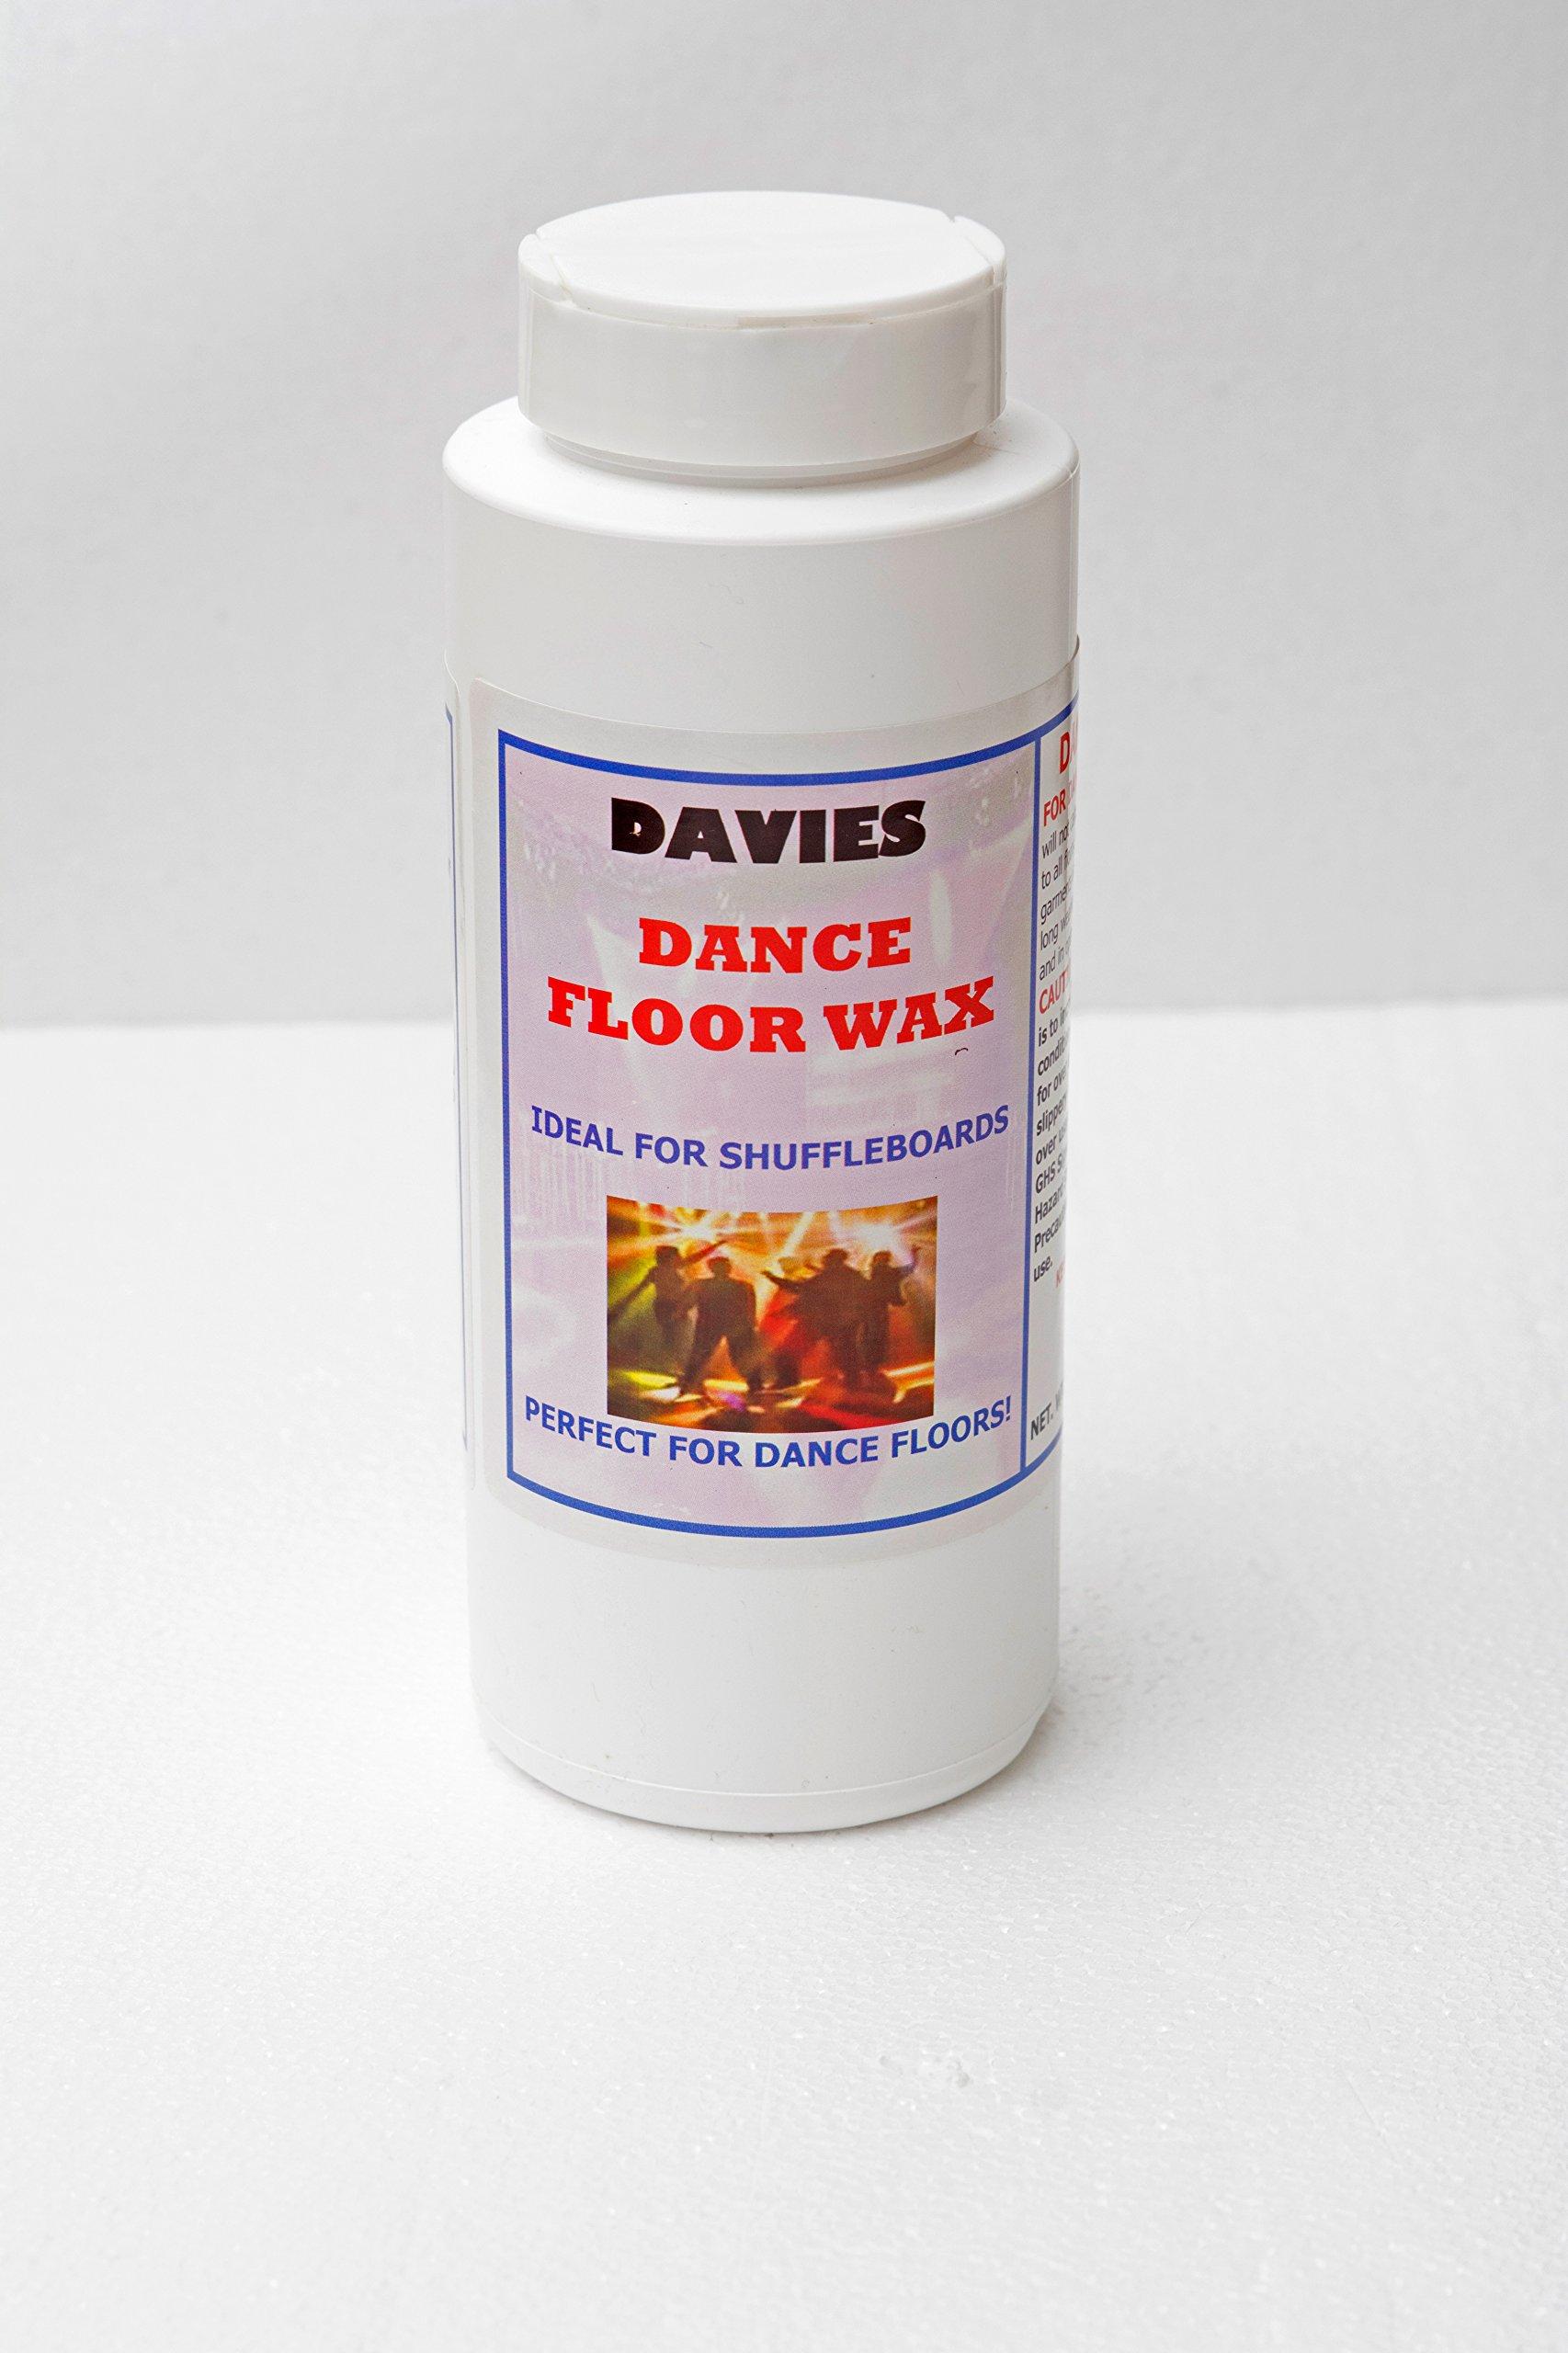 D.W. Davies Dance Floor Wax (Case (12 cans))